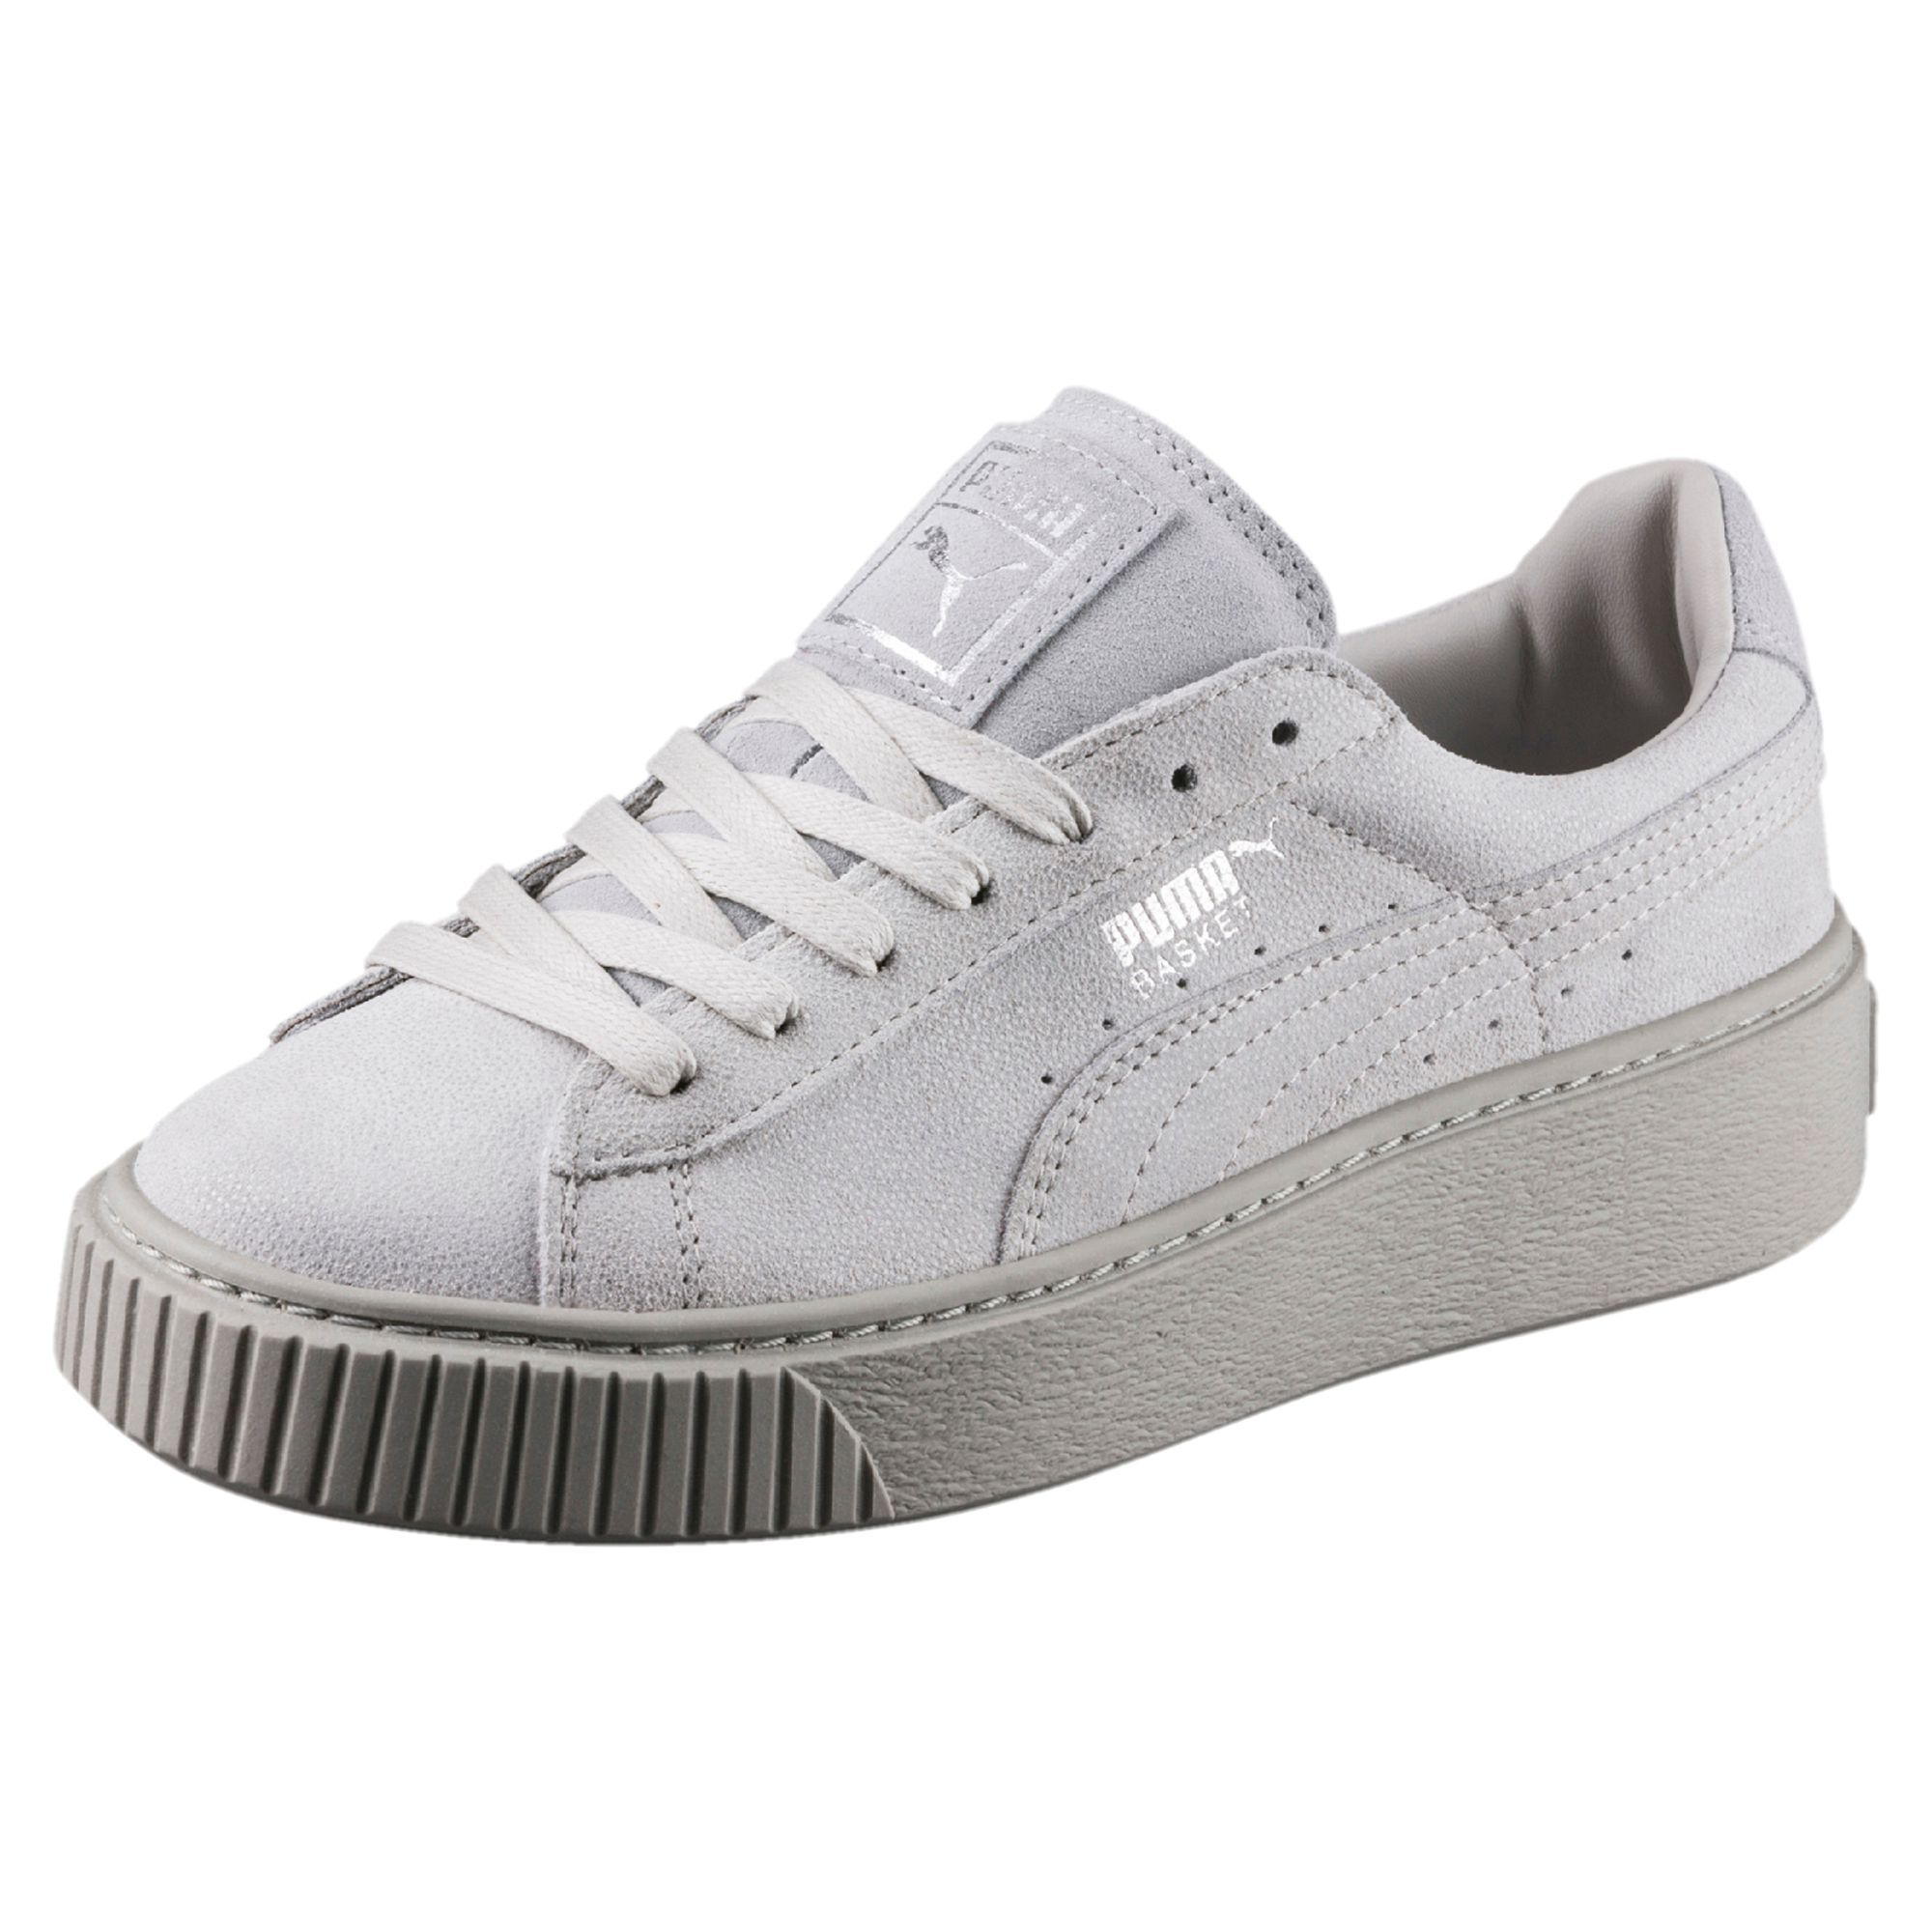 best cheap 0398d c720c Chaussure Basket Platform Reset pour femme Puma Vikky Platform, Puma  Platform, Pumas Shoes,